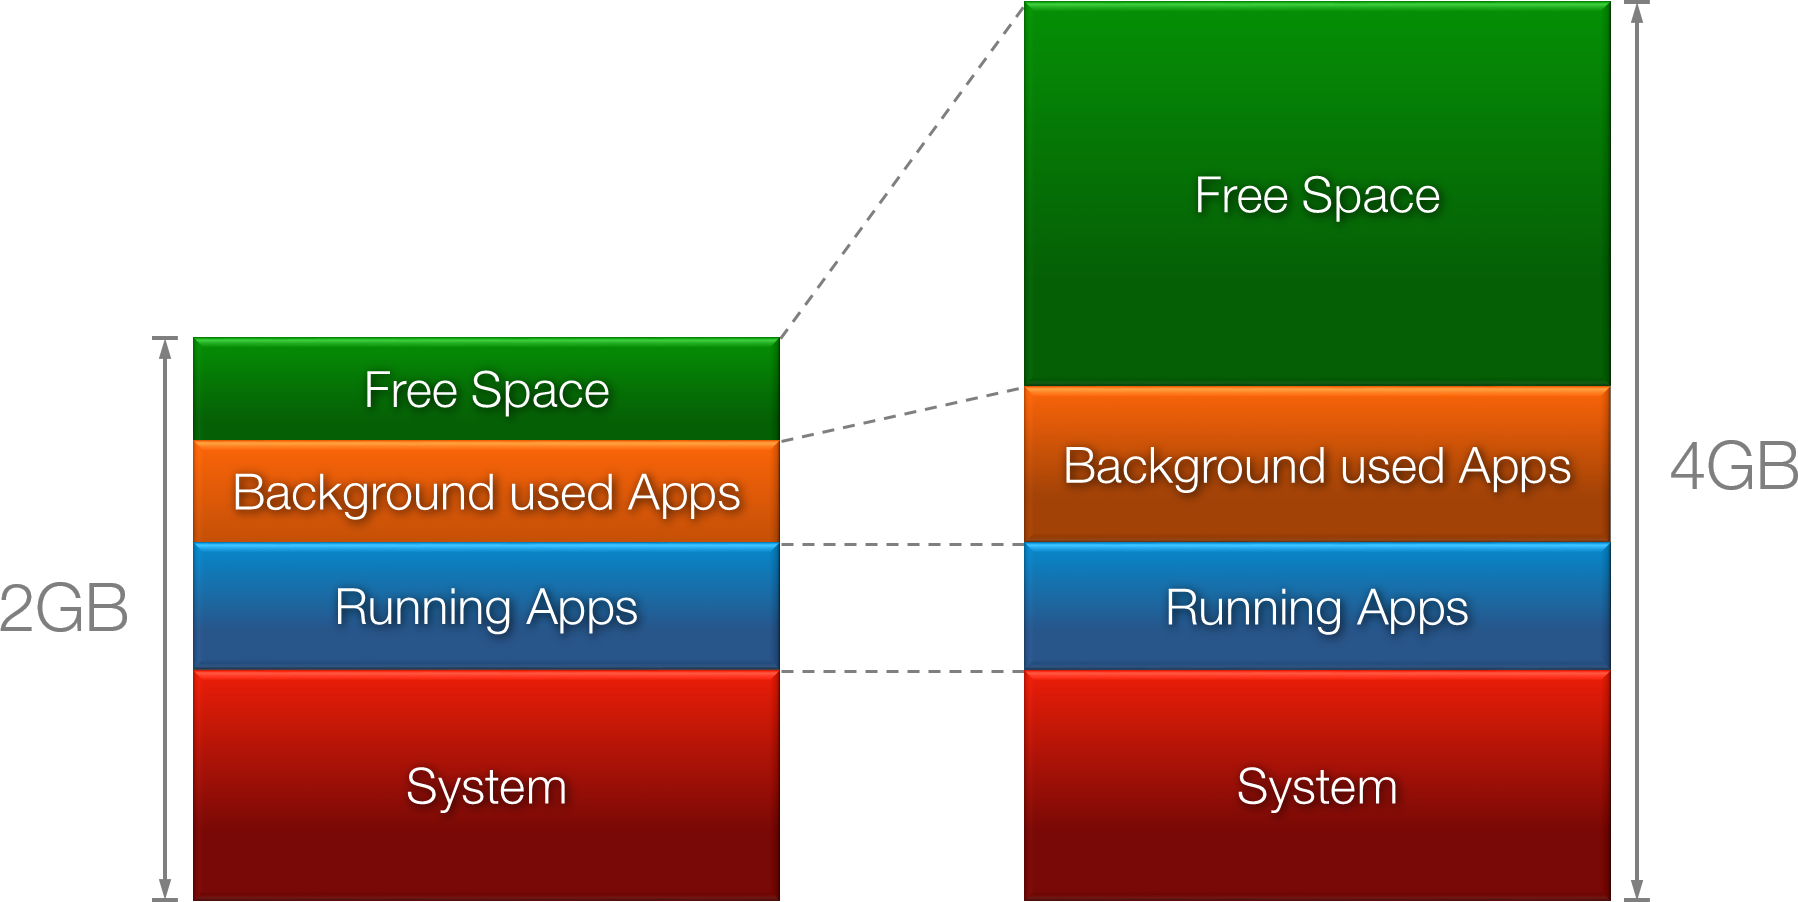 5b58667de8 Hoci nároky na multitasking a súbežný chod niekoľkých náročných aplikácií  neustále rastú